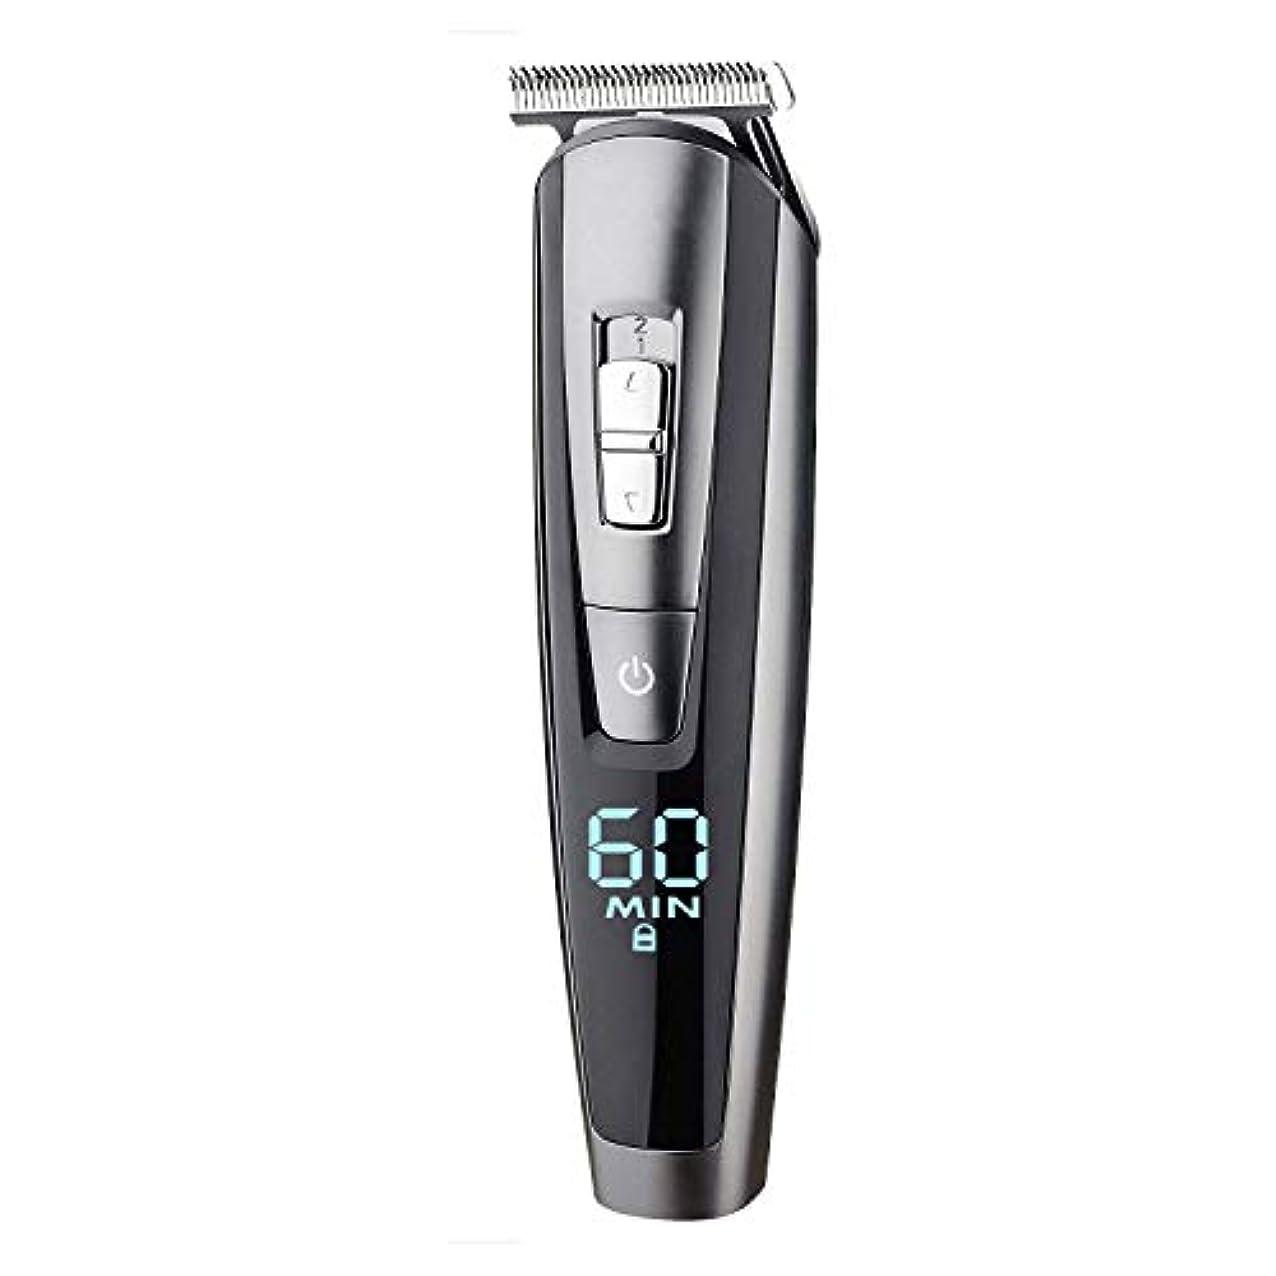 三十余裕があるみぞれひげトリマー男性用コードレス口ひげボディトリマーヘアトリマートリマーキット精密トリマー鼻毛トリマー防水USB充電式